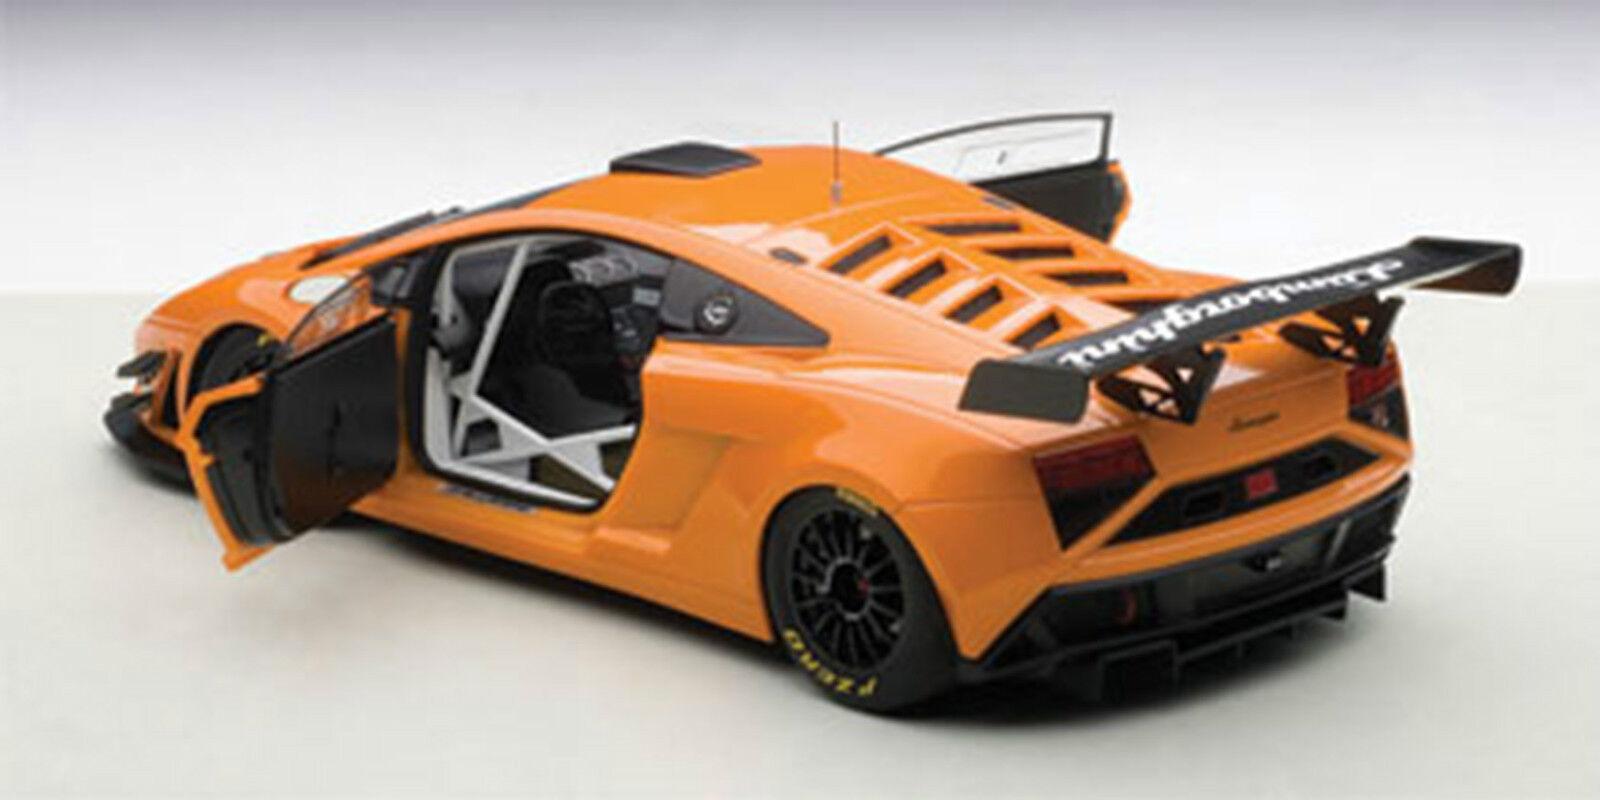 Autoart 2013 Lamborghini Gallardo Gt3 Fl2 Naranja Metálico Compuesto 0.1cm